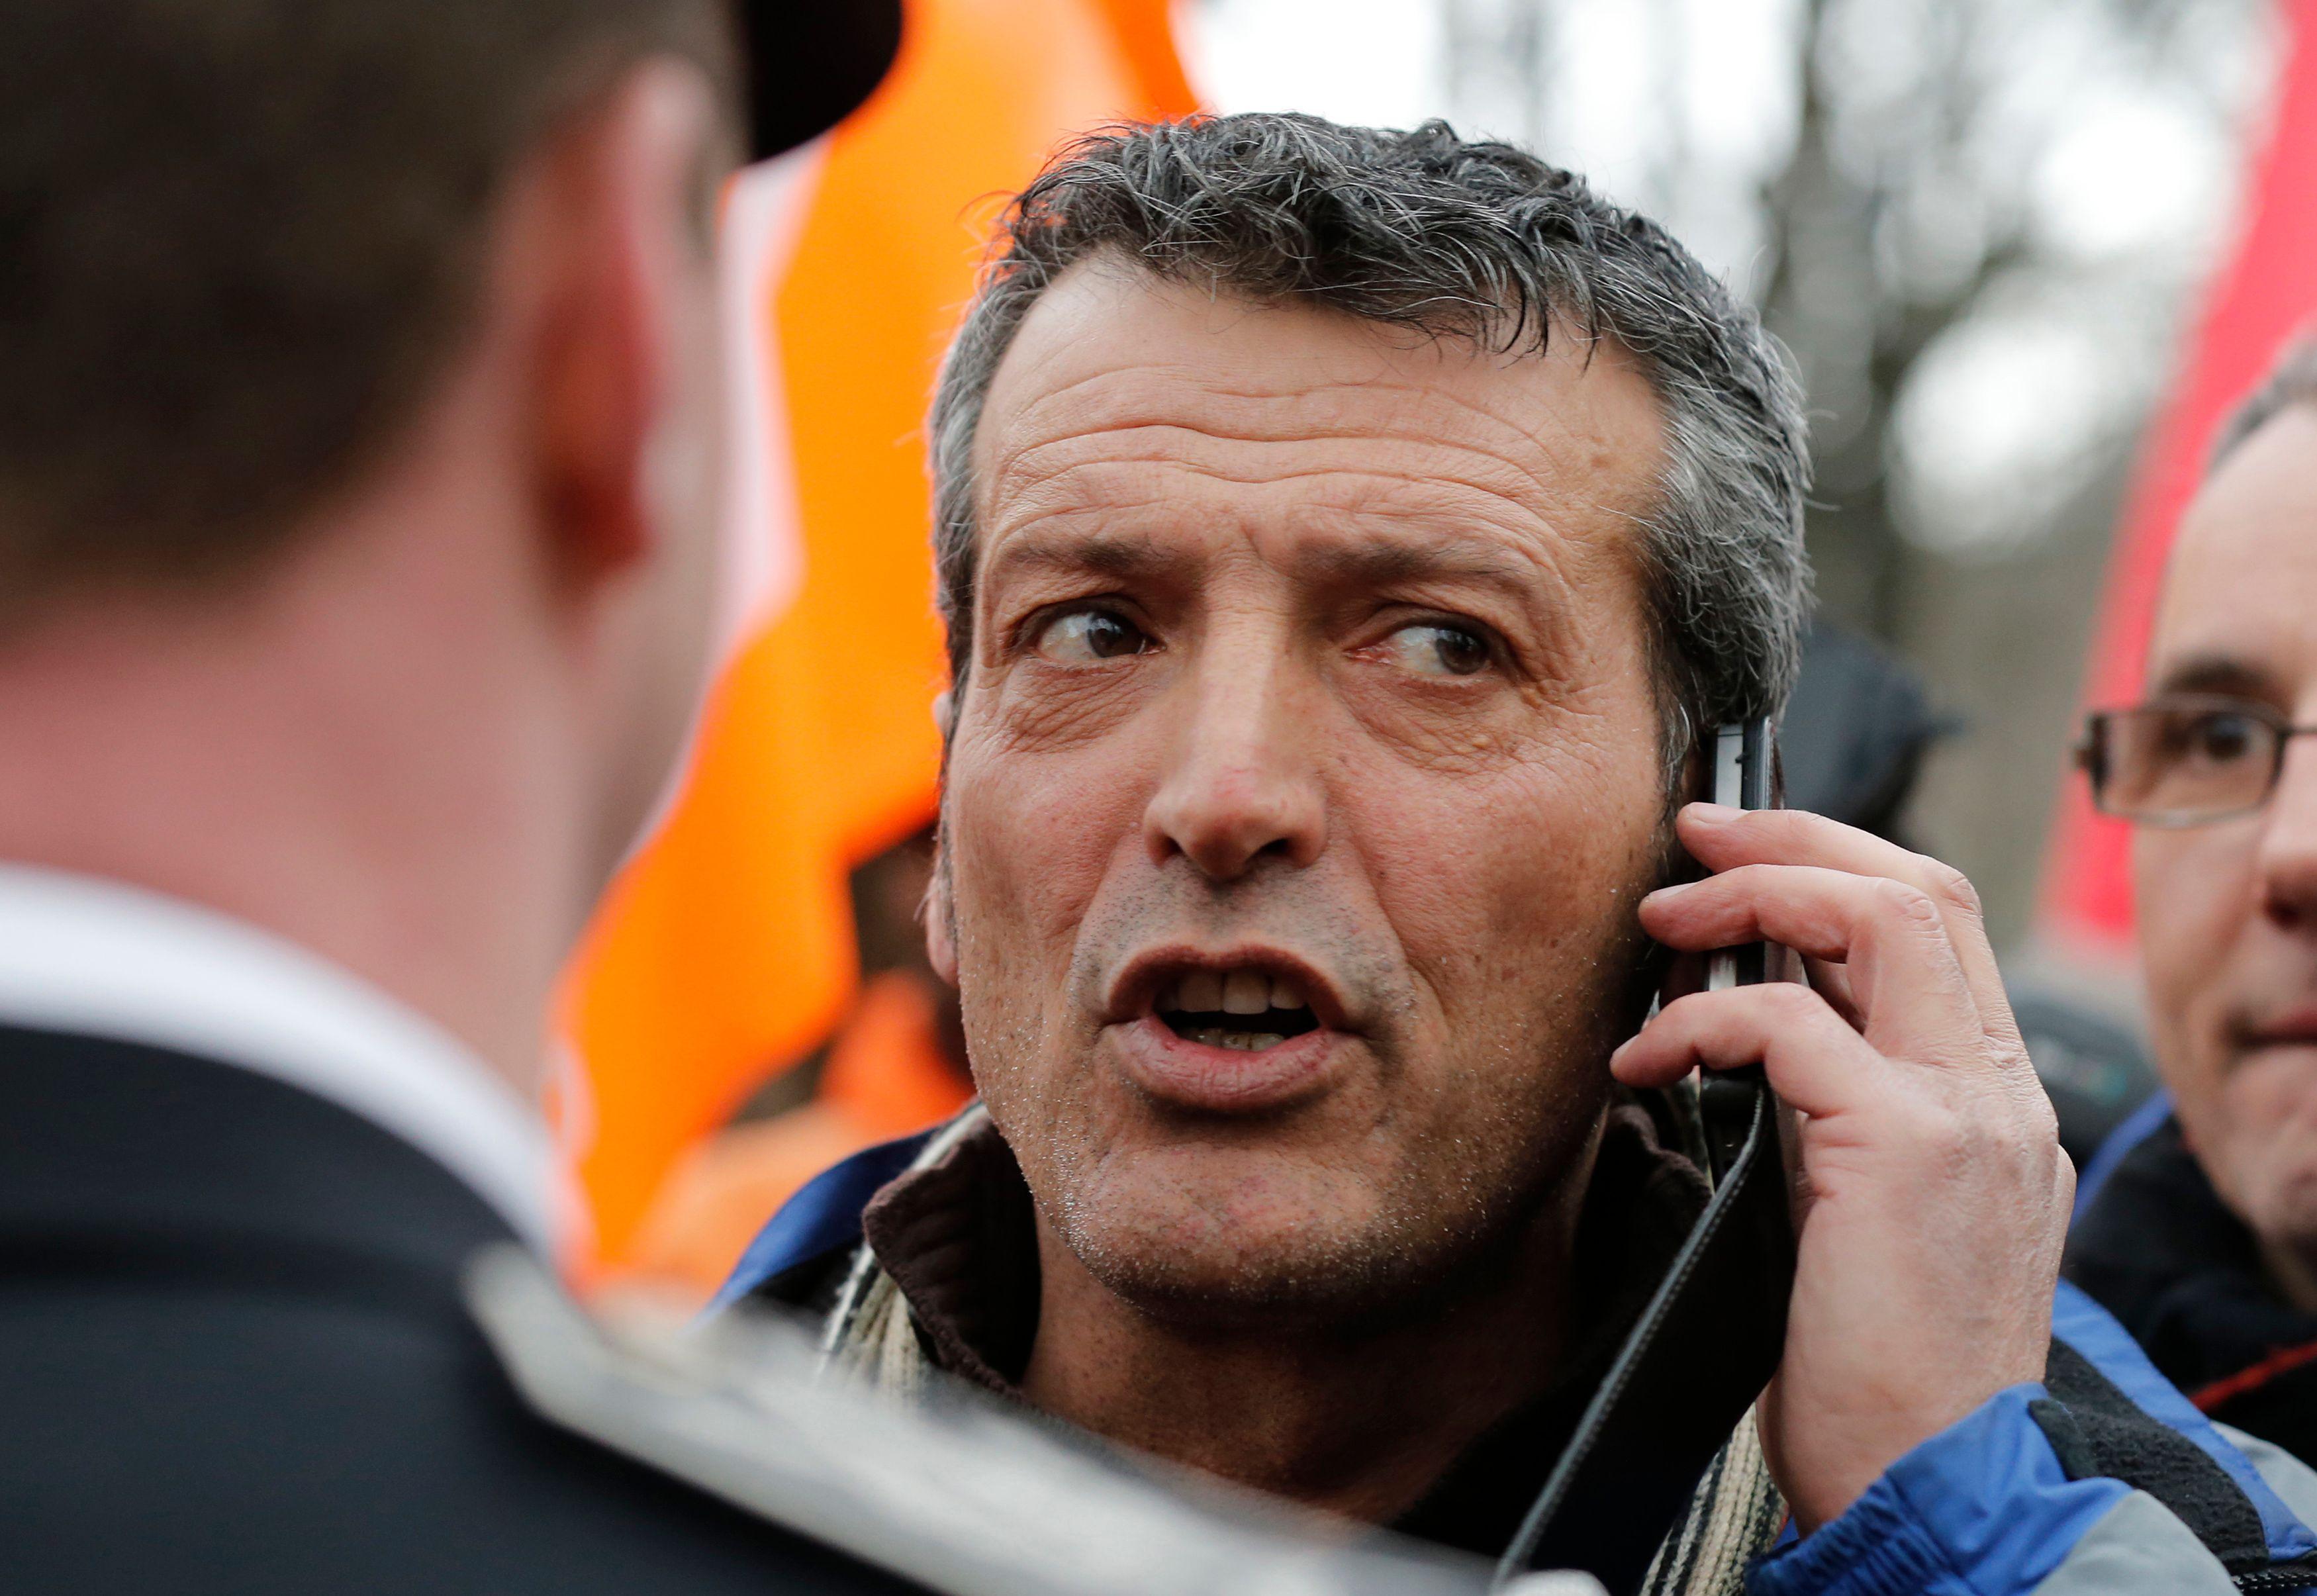 Manuel Valls à Florange : Edouard Martin refoulé par lesservices de sécurité